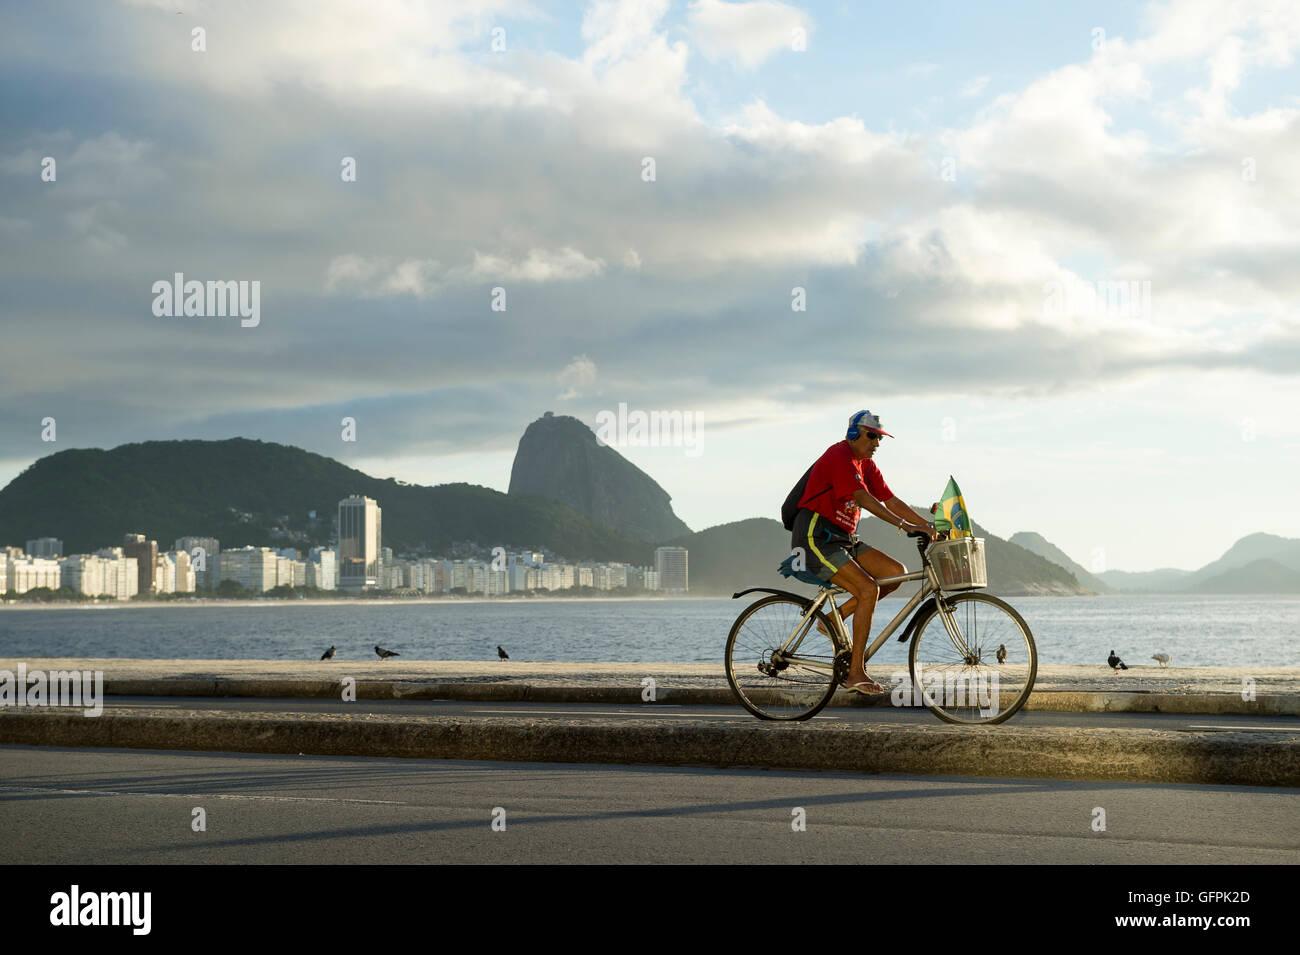 RIO DE JANEIRO - Mars 20, 2016: Un homme brésilien monte un vélo avec un drapeau brésilien Photo Stock